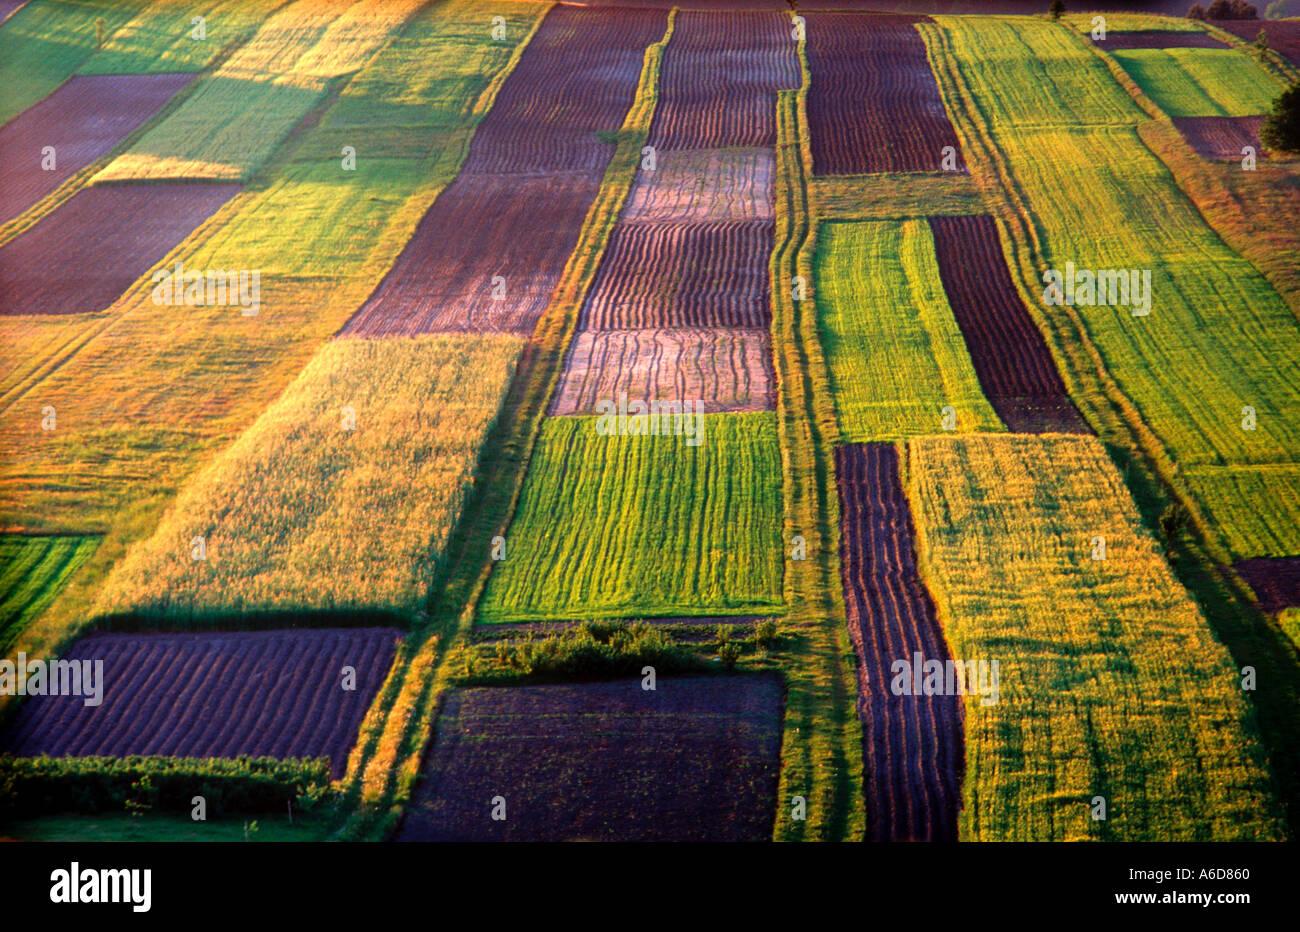 Azienda agricola biologica a sud-est della Polonia Immagini Stock